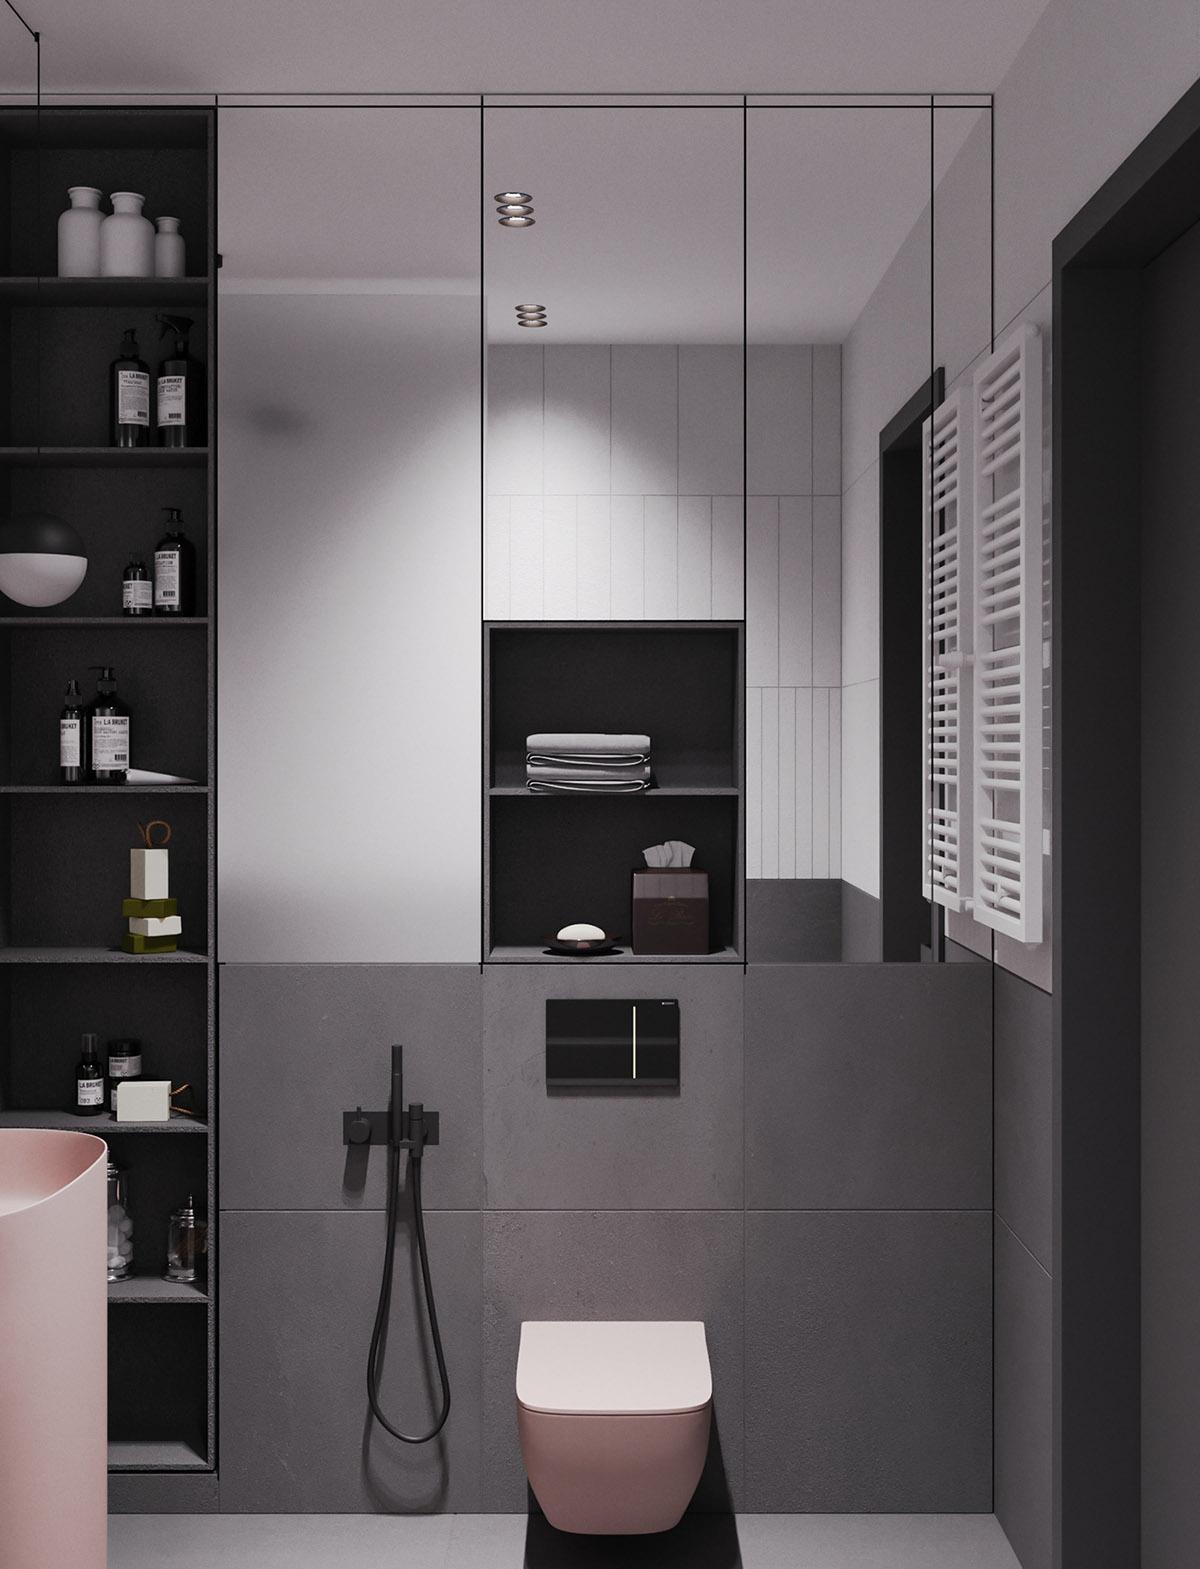 Một số thiết kế nội thất sử dụng màu hồng và xám - Pink grey bathroom